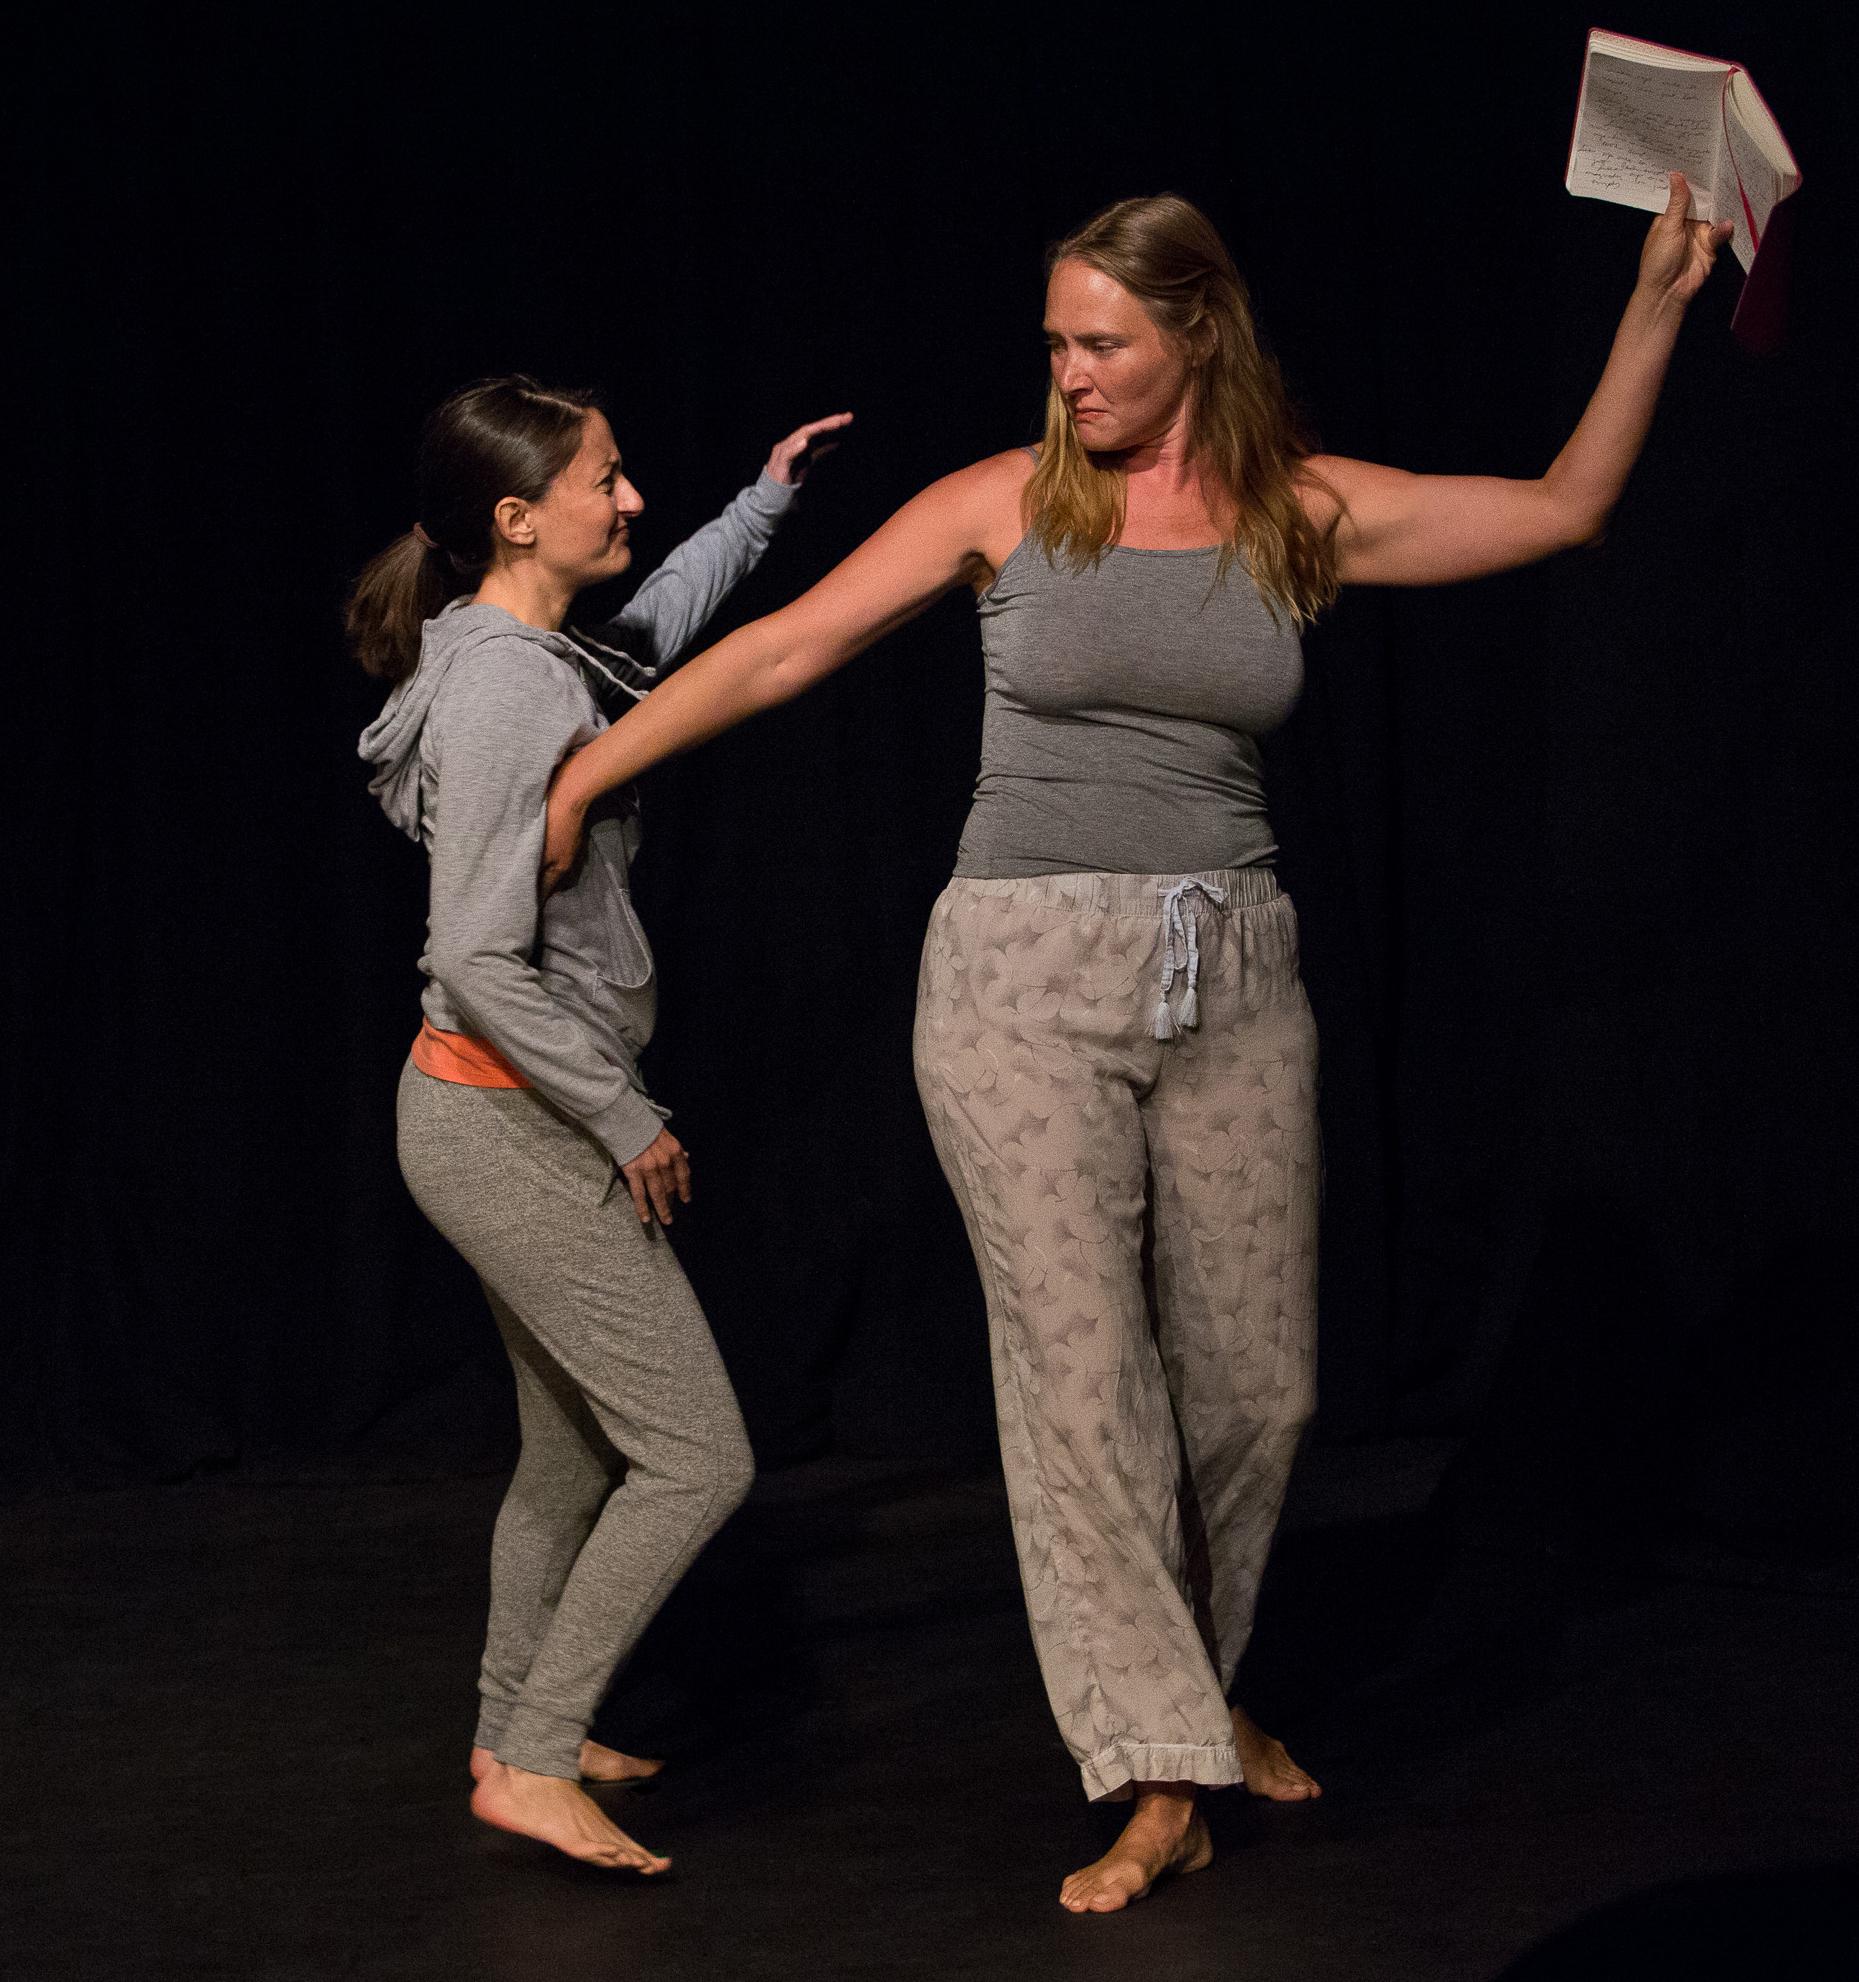 Actors performing a scene